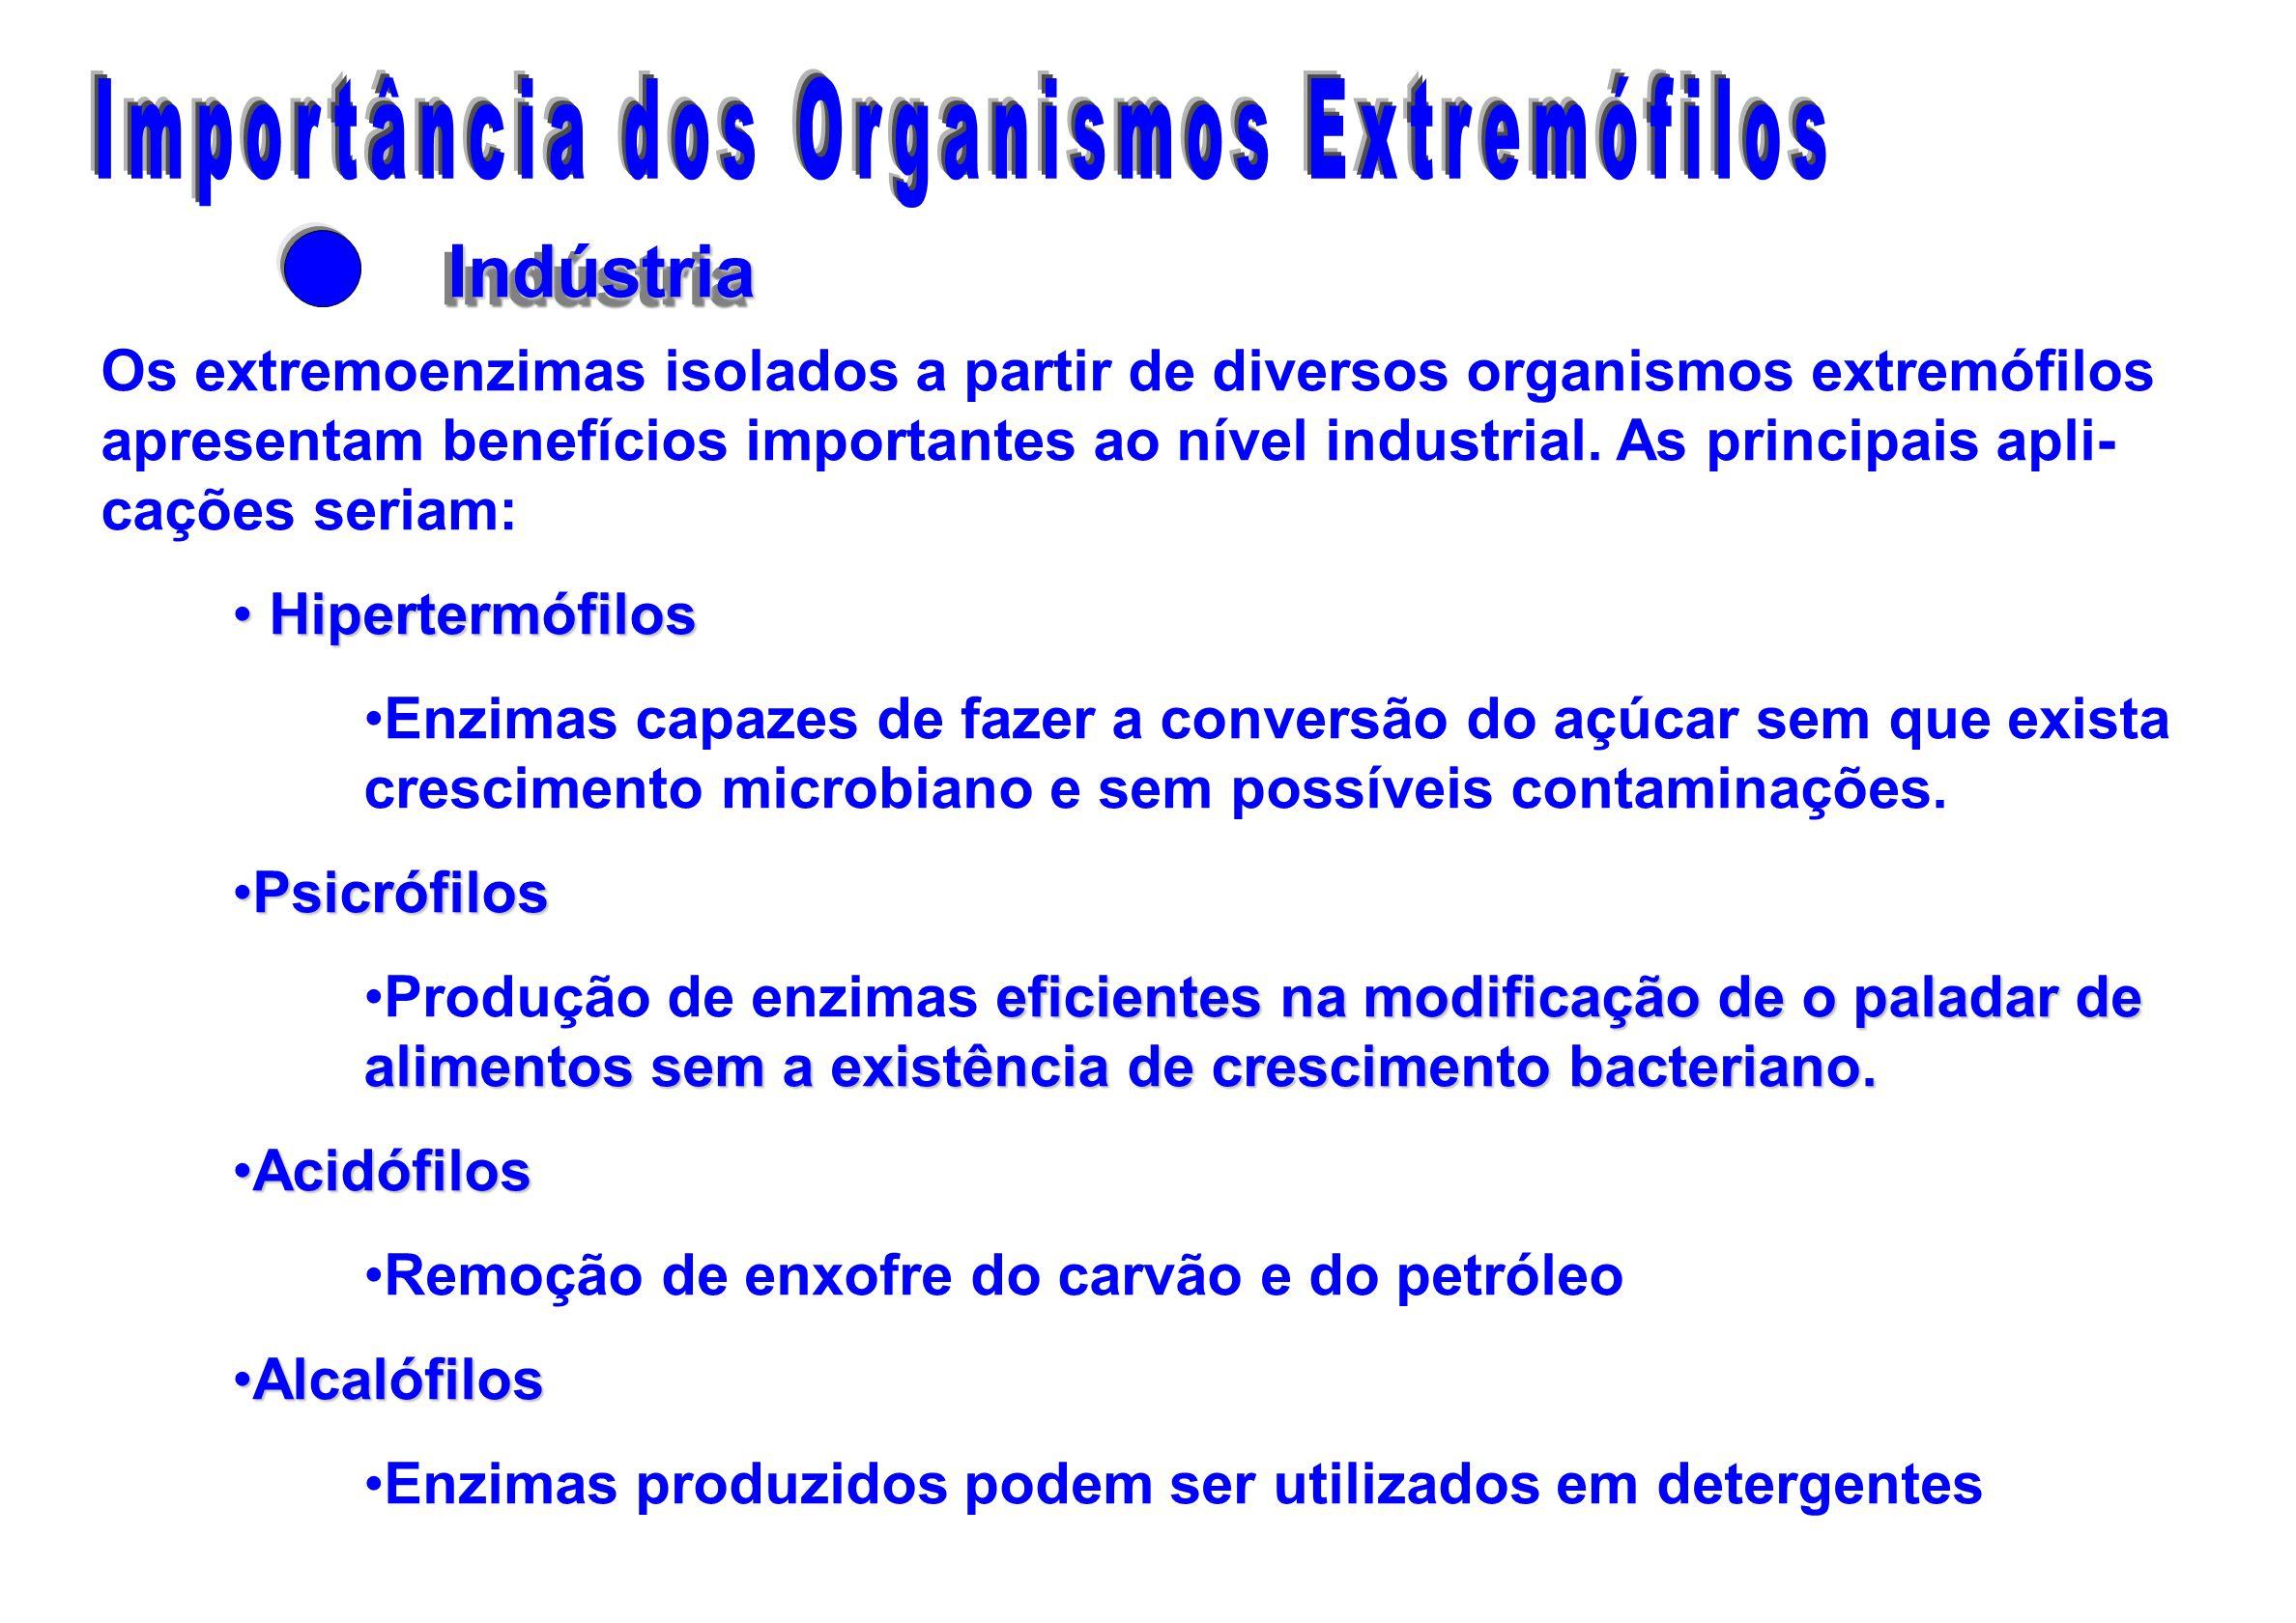 IndústriaIndústria Os extremoenzimas isolados a partir de diversos organismos extremófilos apresentam benefícios importantes ao nível industrial.